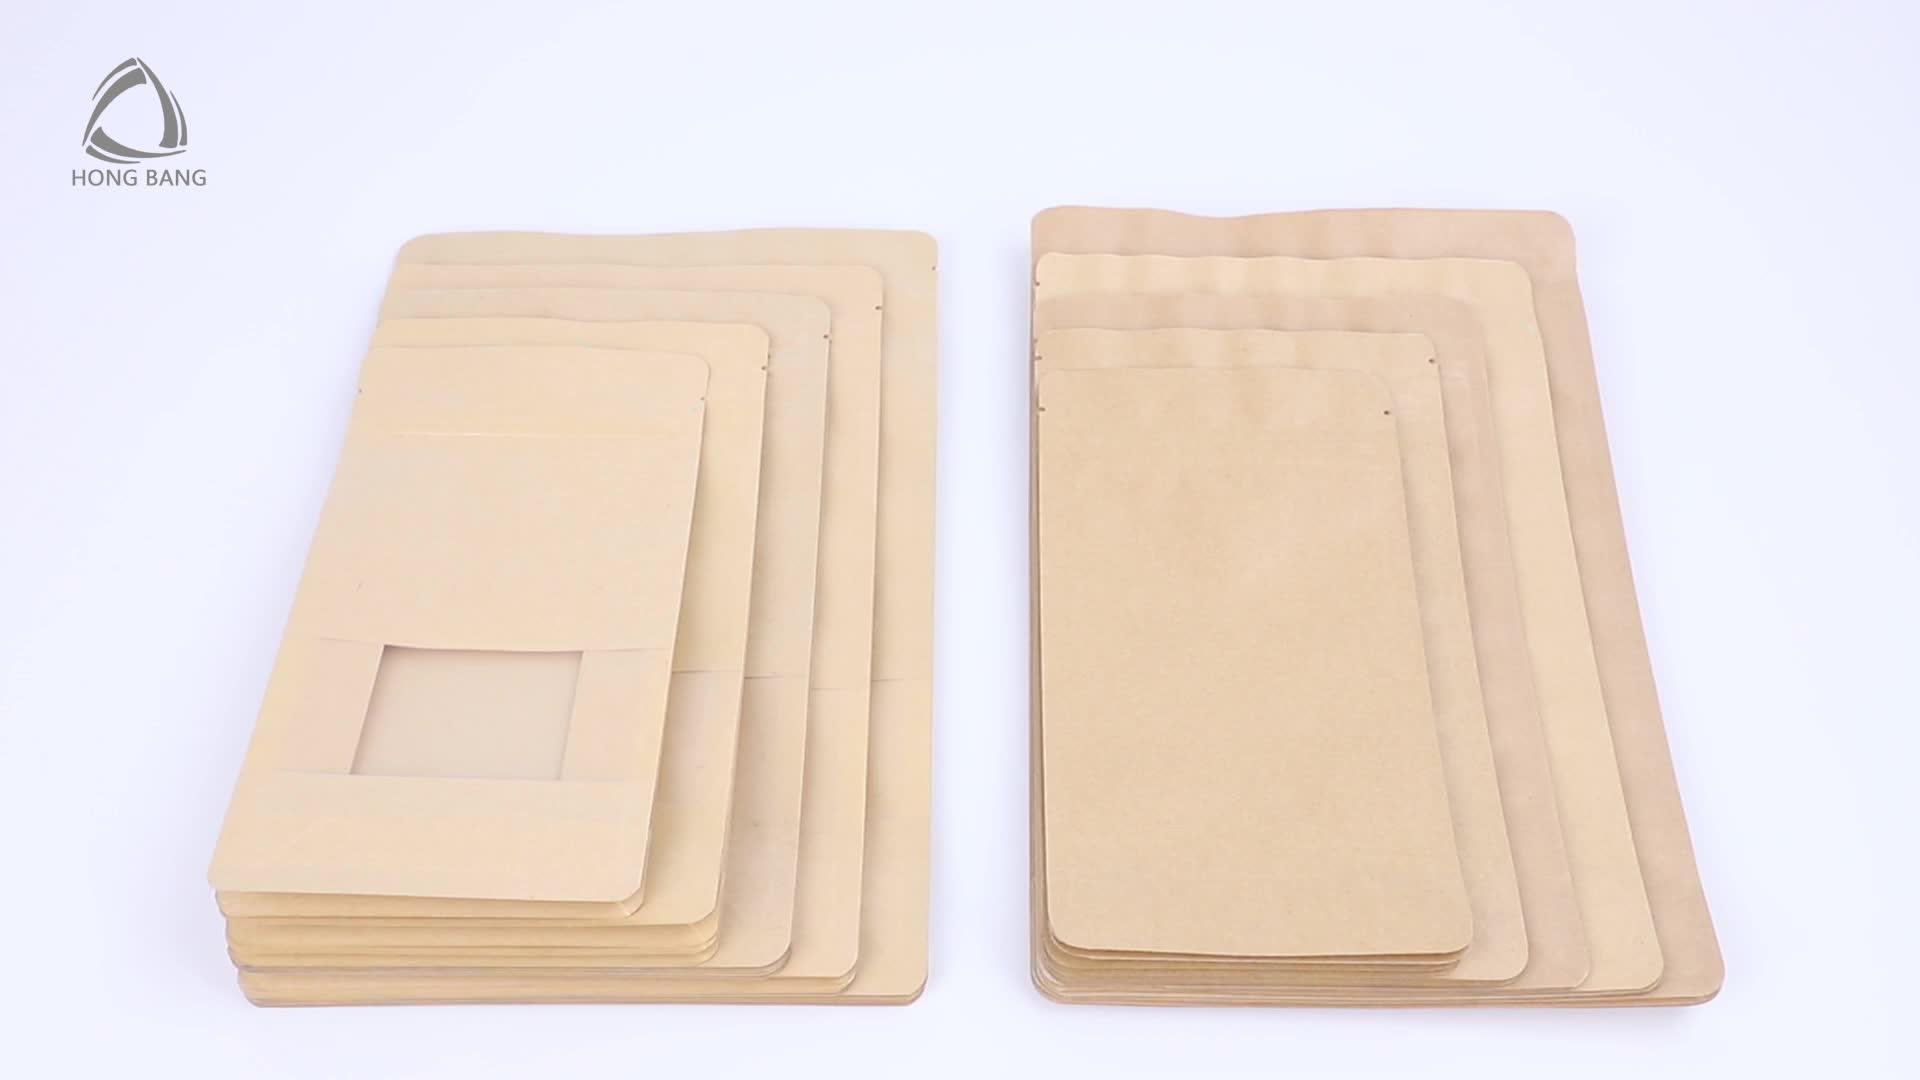 エコフレンドリーな包装8サイドシールクラフト食品紙箱ポーチフラットボトムバッグ